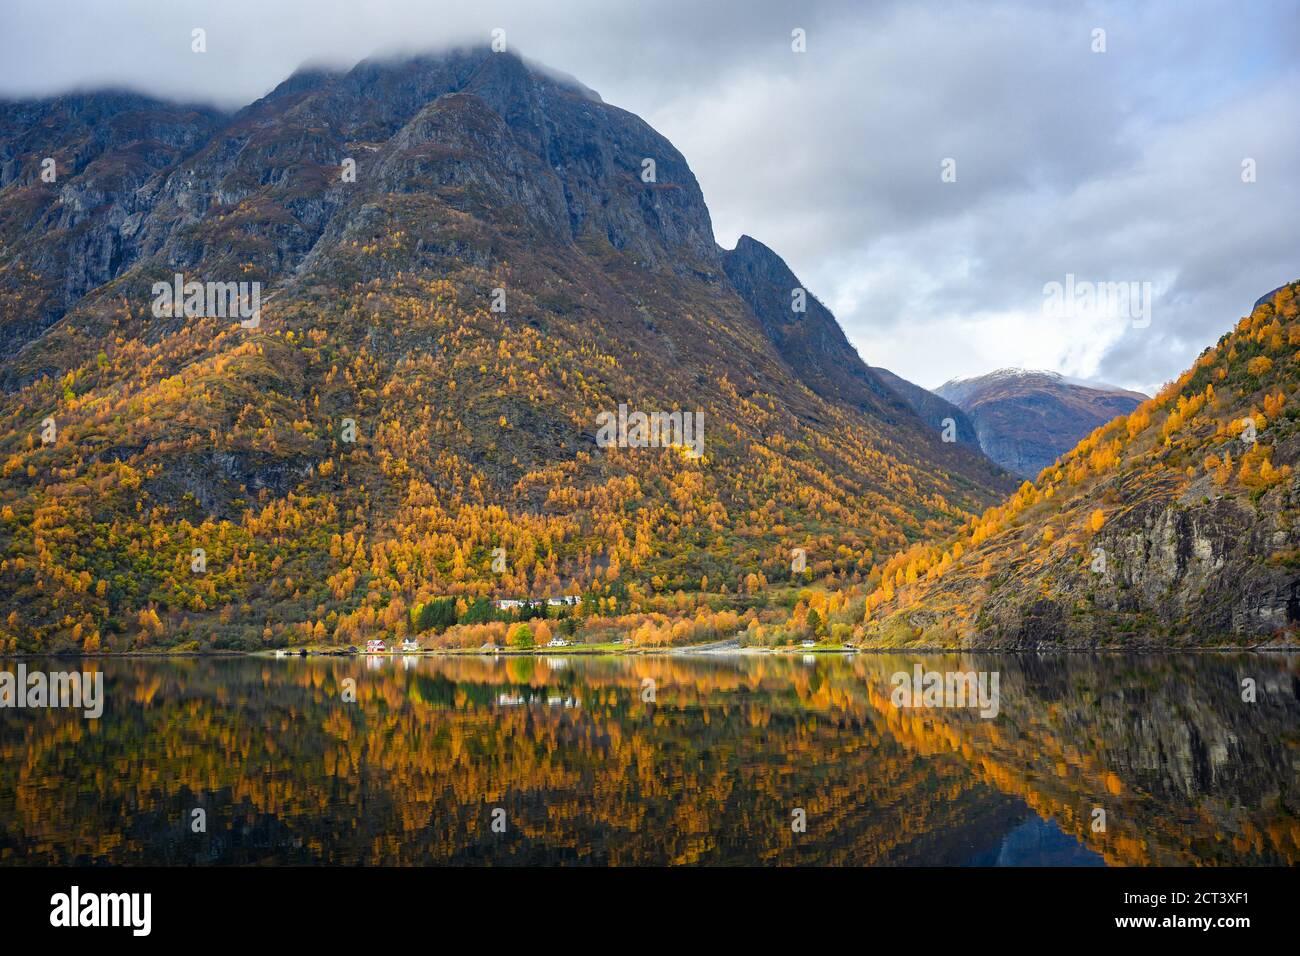 Pequeño pueblo en la costa y las montañas en la temporada de otoño que reflejan el agua. Contemple desde un viaje en barco la belleza de Sognefjord Crui Foto de stock